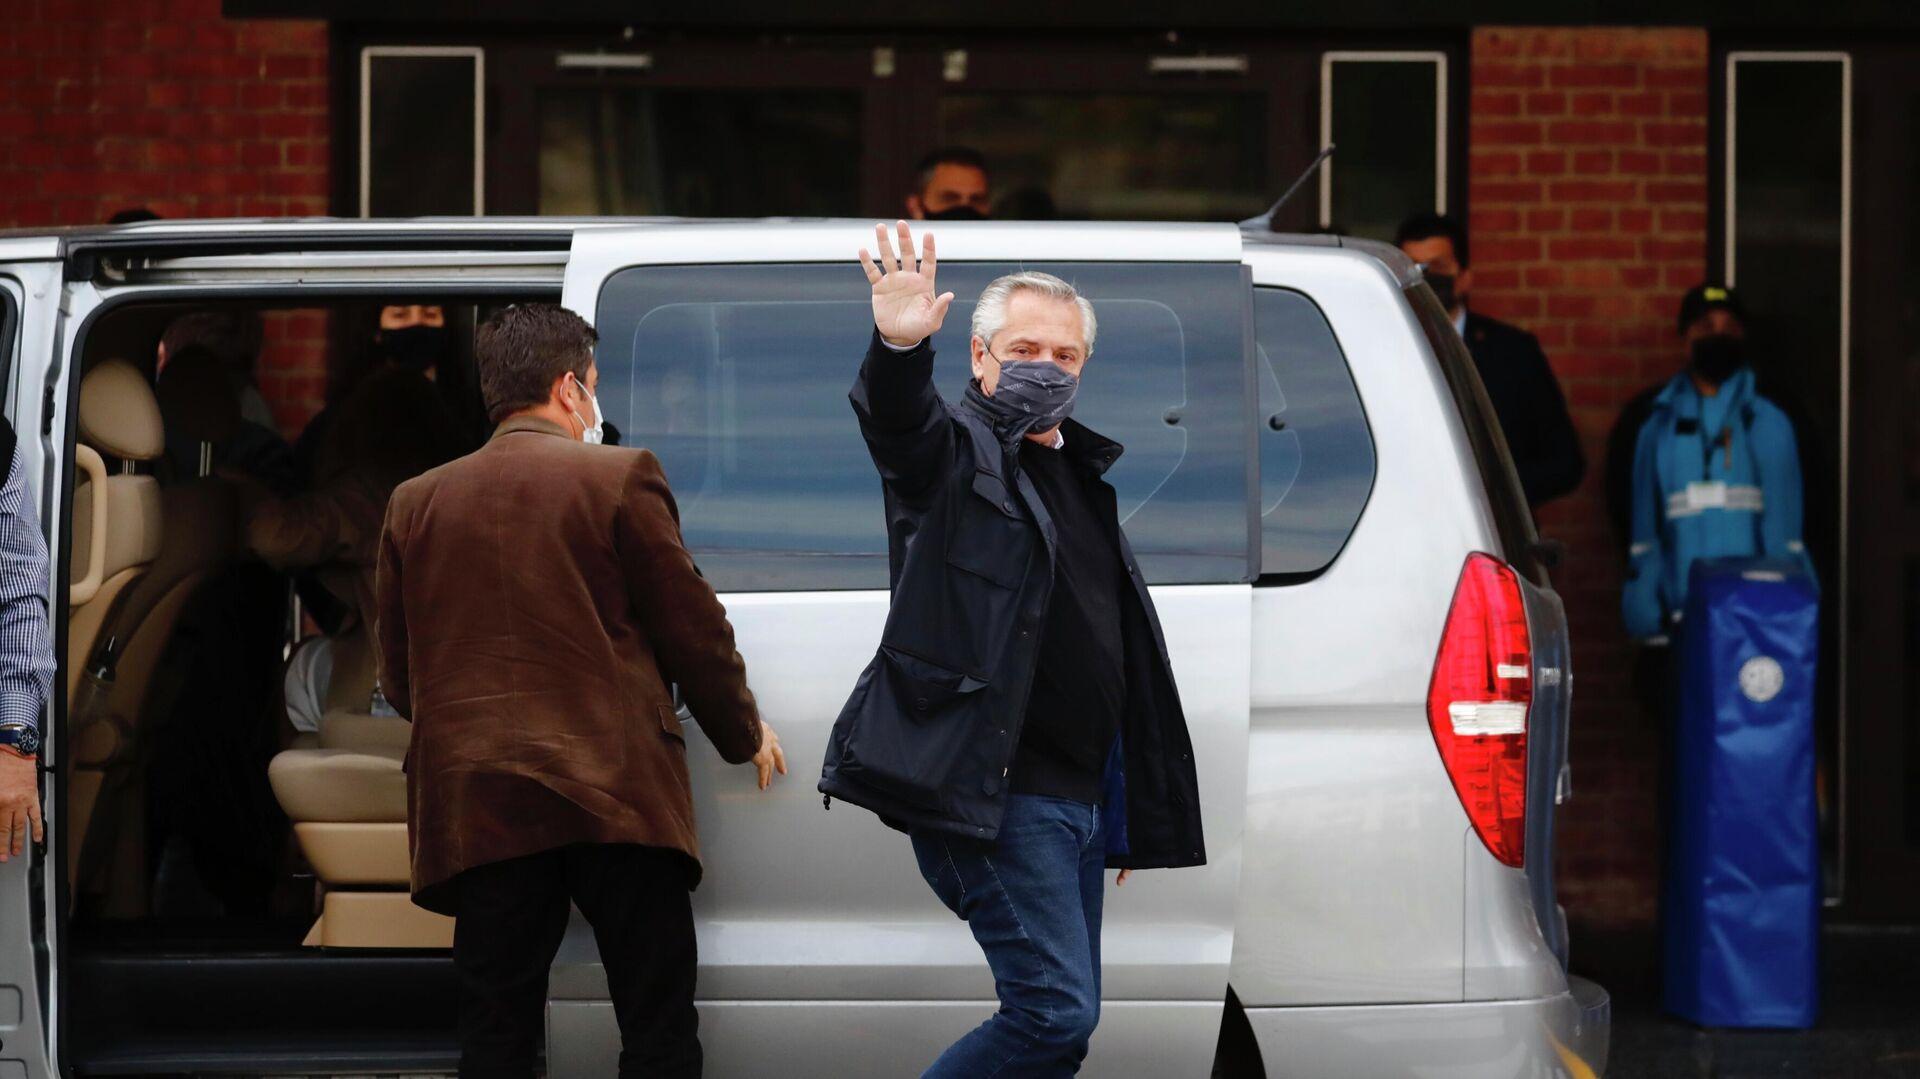 El presidente de Argentina, Alberto Fernández, llega al colegio electoral situado en el barrio de Puerto Madero, en Buenos Aires, para emitir su voto en las Elecciones Primarias Abiertas, Simultáneas y Obligatorias, el 12 de septiembre de 2021 - Sputnik Mundo, 1920, 15.09.2021